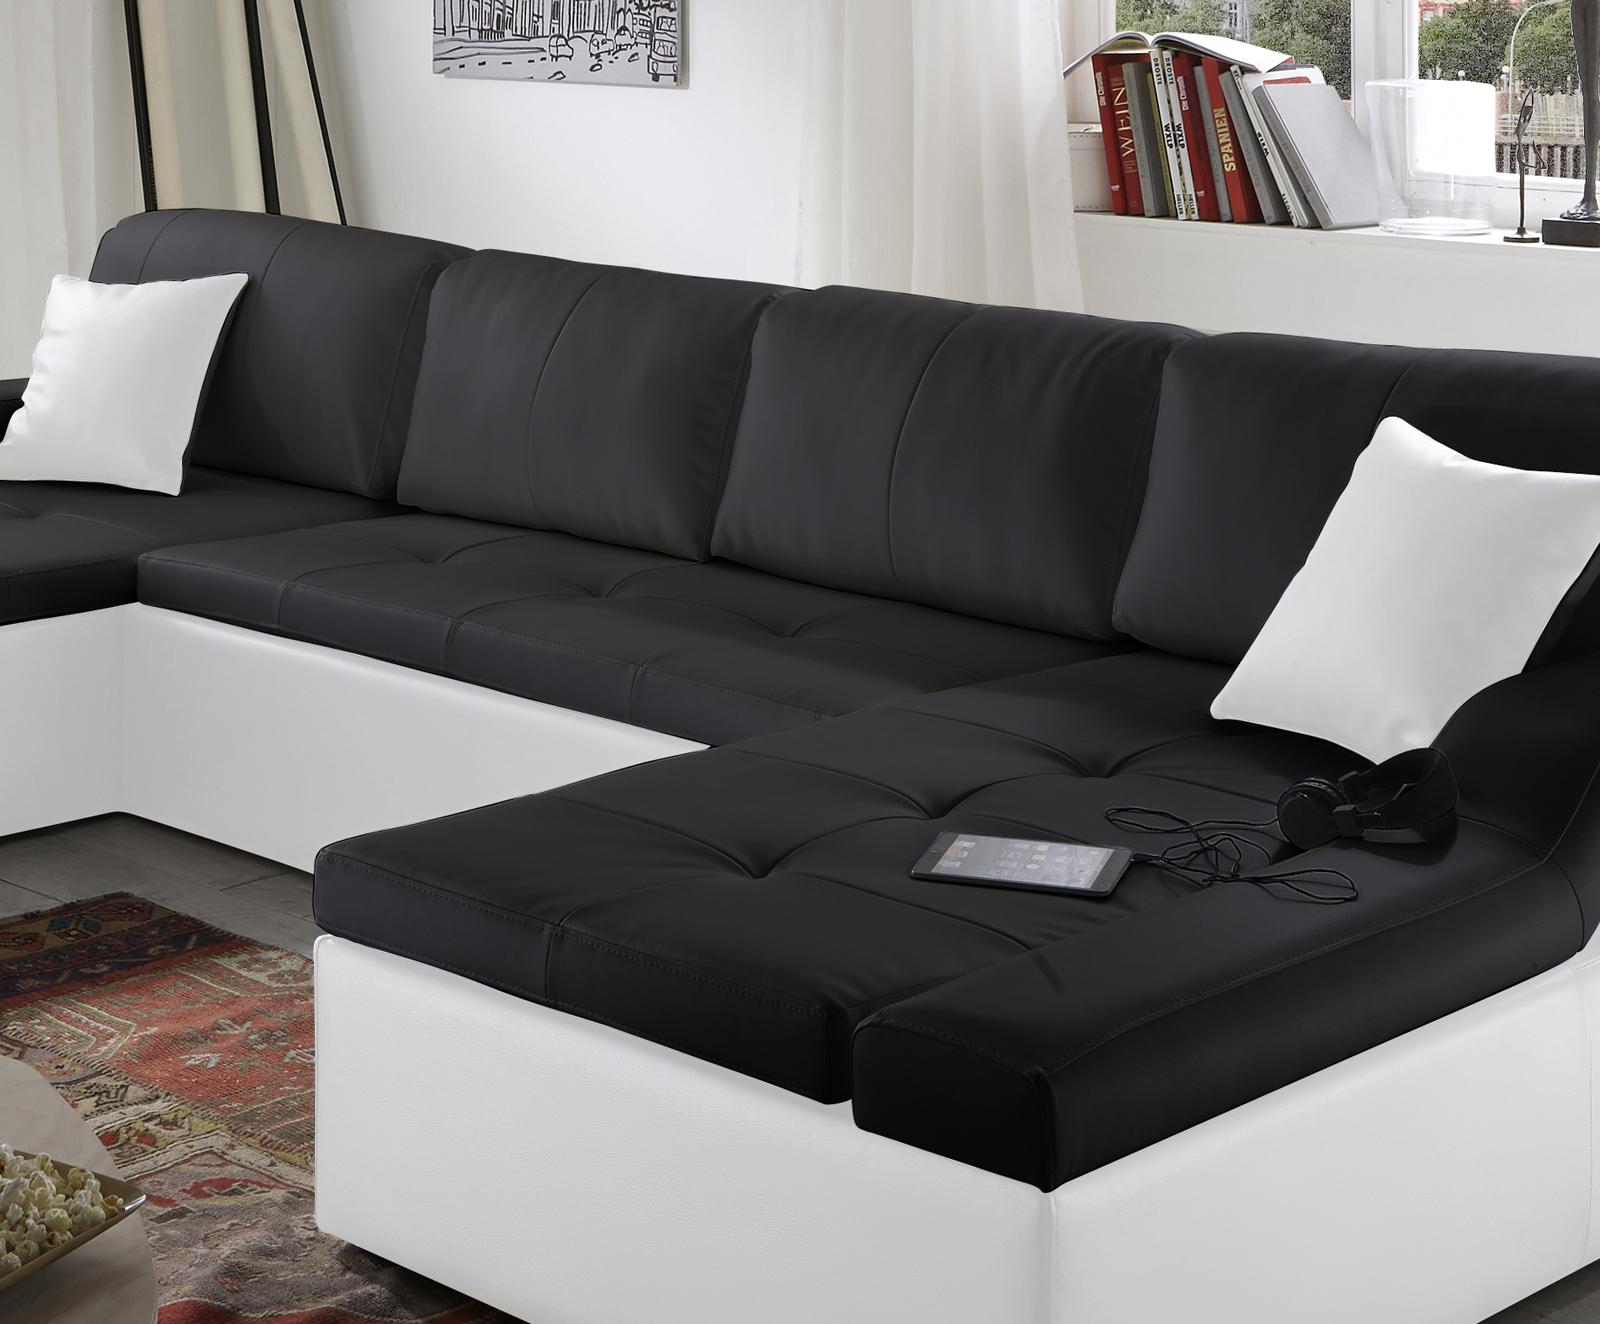 sam sofa schwarz wei wohnlandschaft rosella 230 x 335 x 190 cm. Black Bedroom Furniture Sets. Home Design Ideas